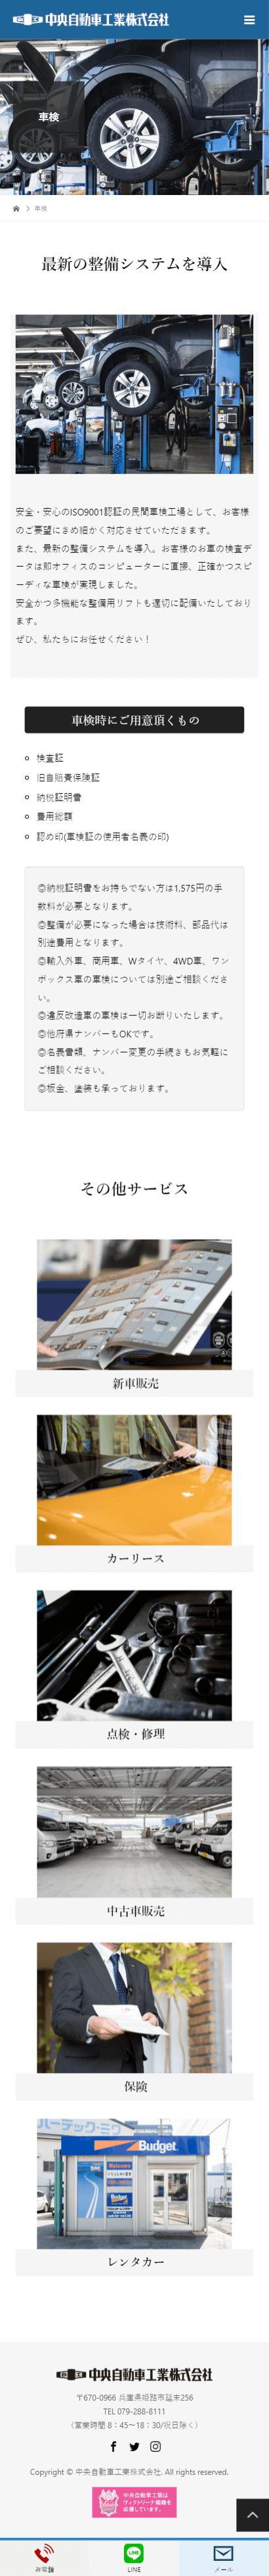 姫路市 中央自動車工業株式会社 ホームページ制作4